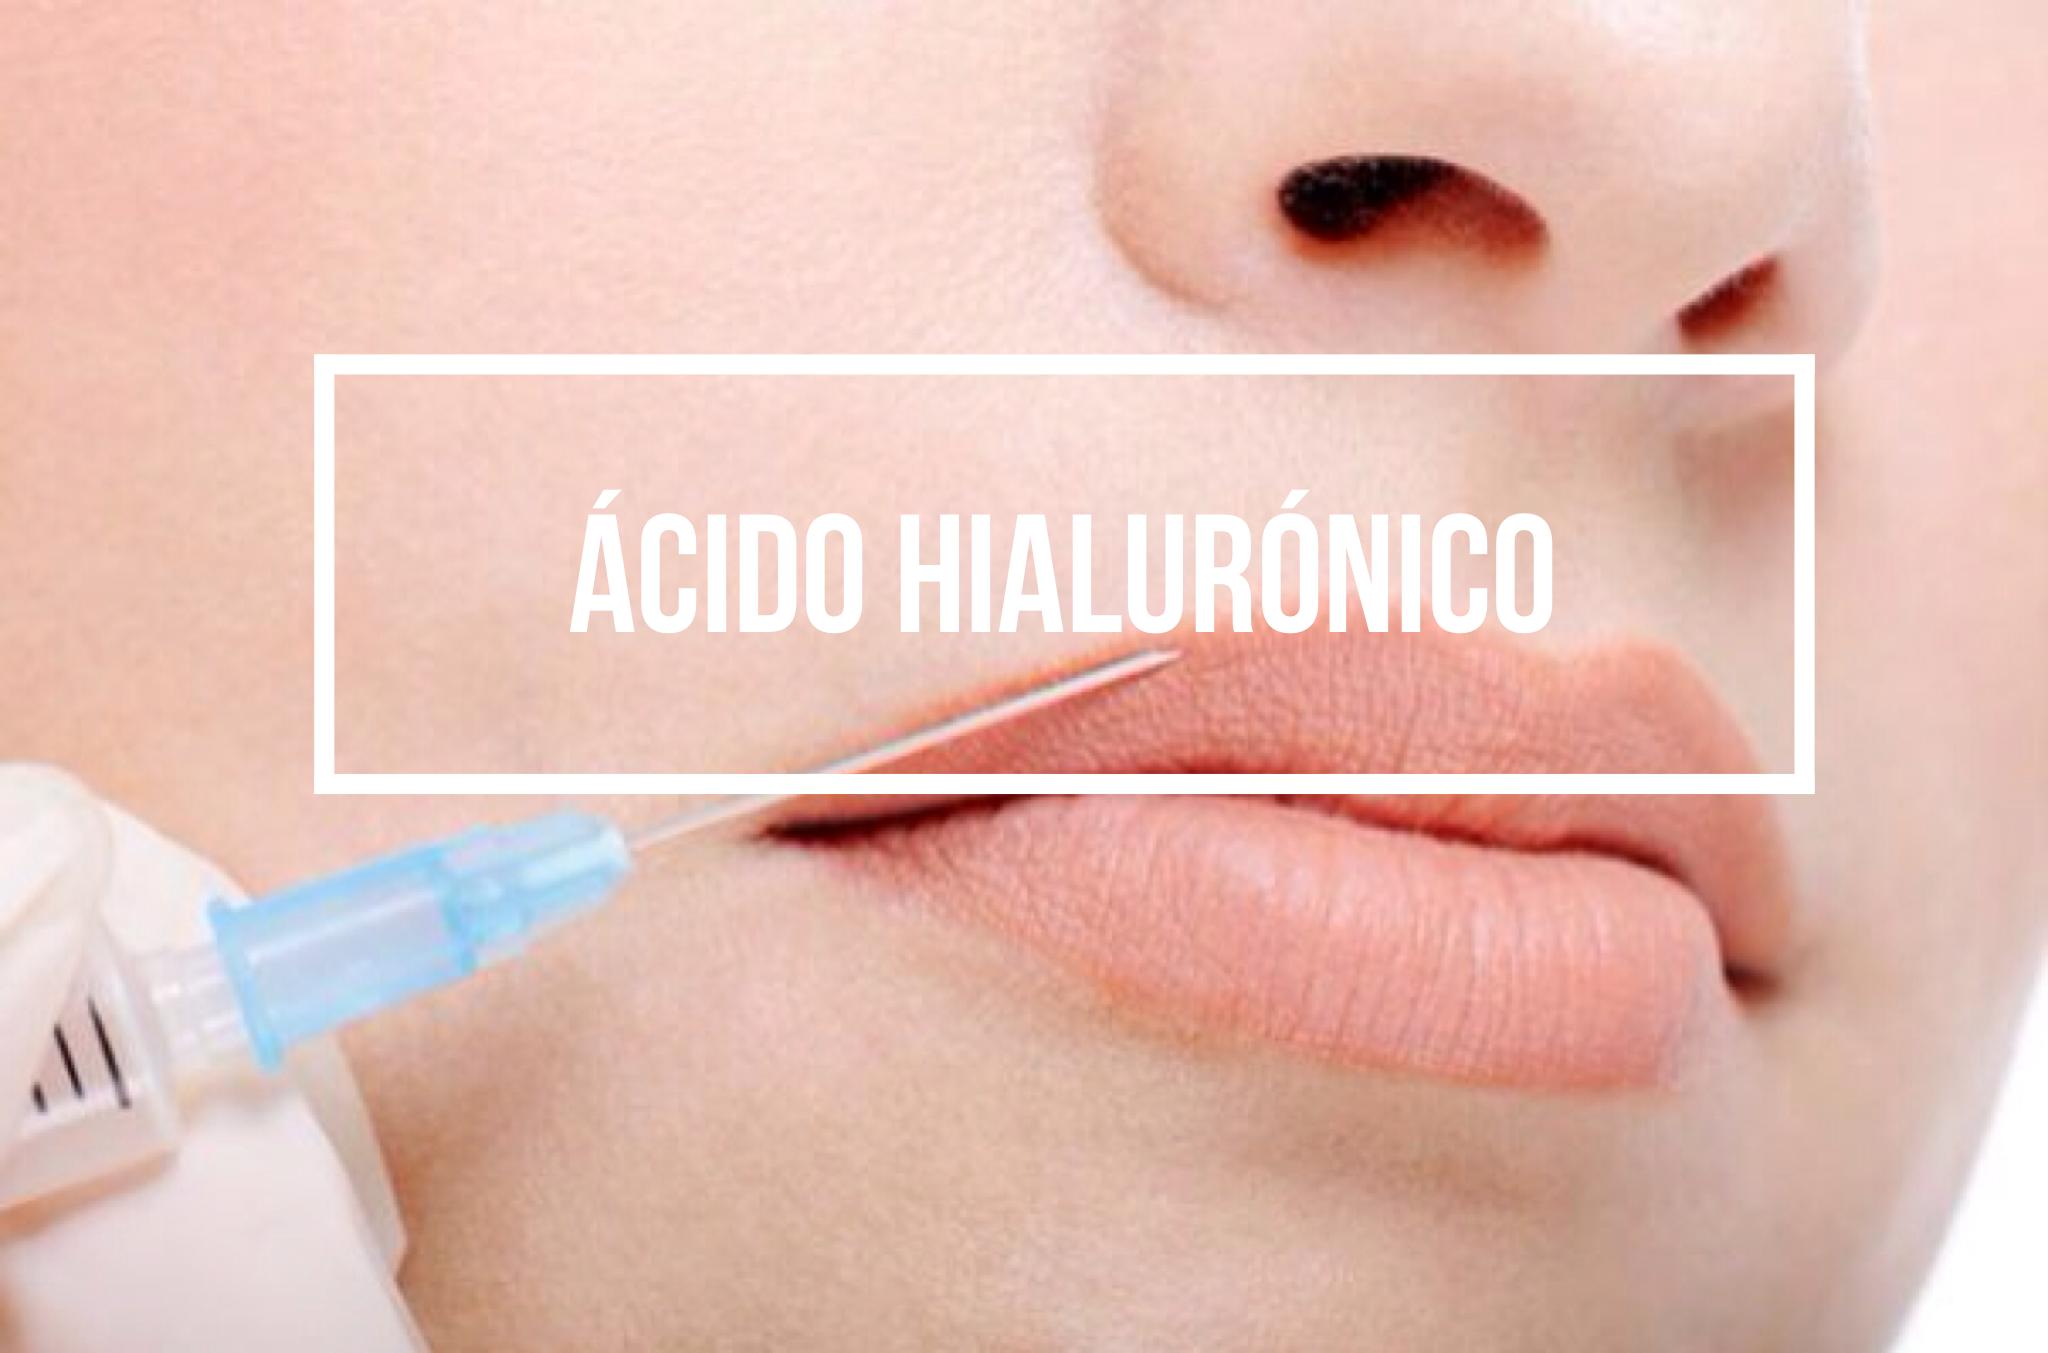 Rejuvenecimiento facial con ácido hialurónico, ¿qué es?